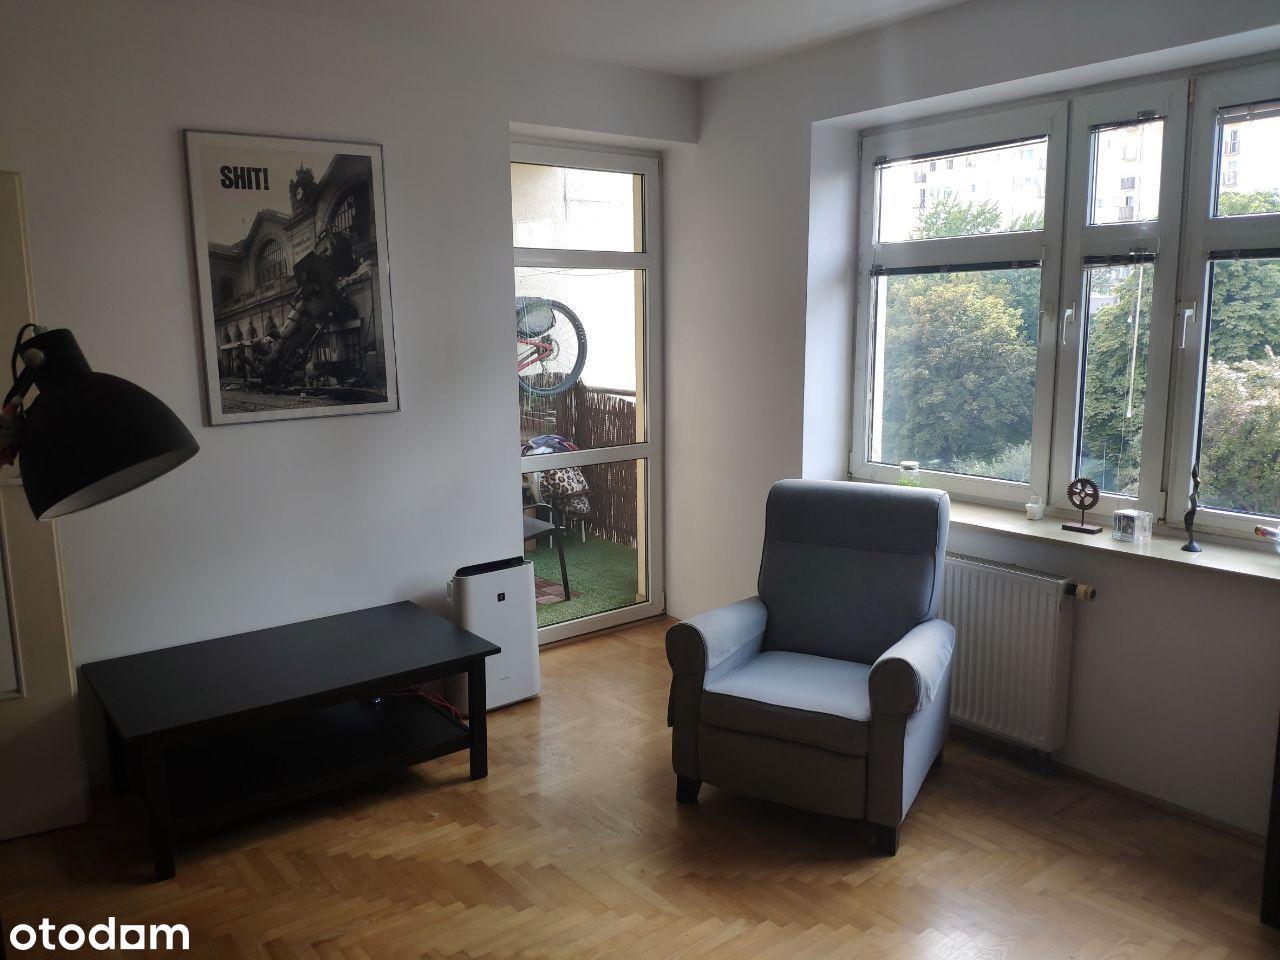 Bezpośrednio - Mieszkanie z garderobą koło parku